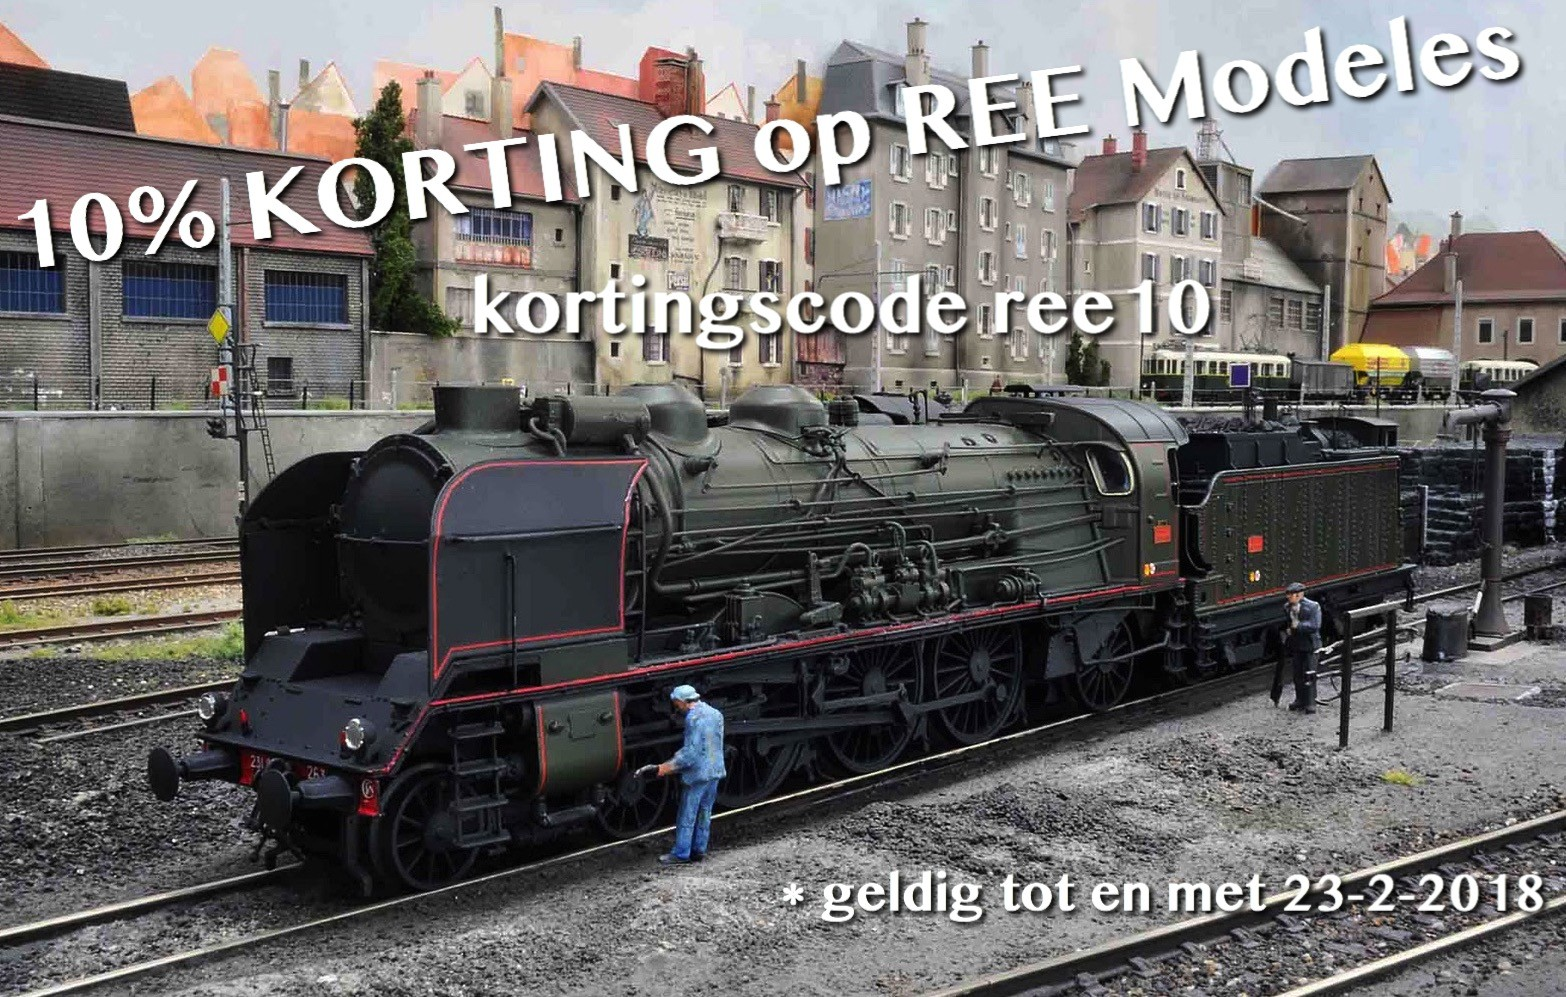 10-korting-ree